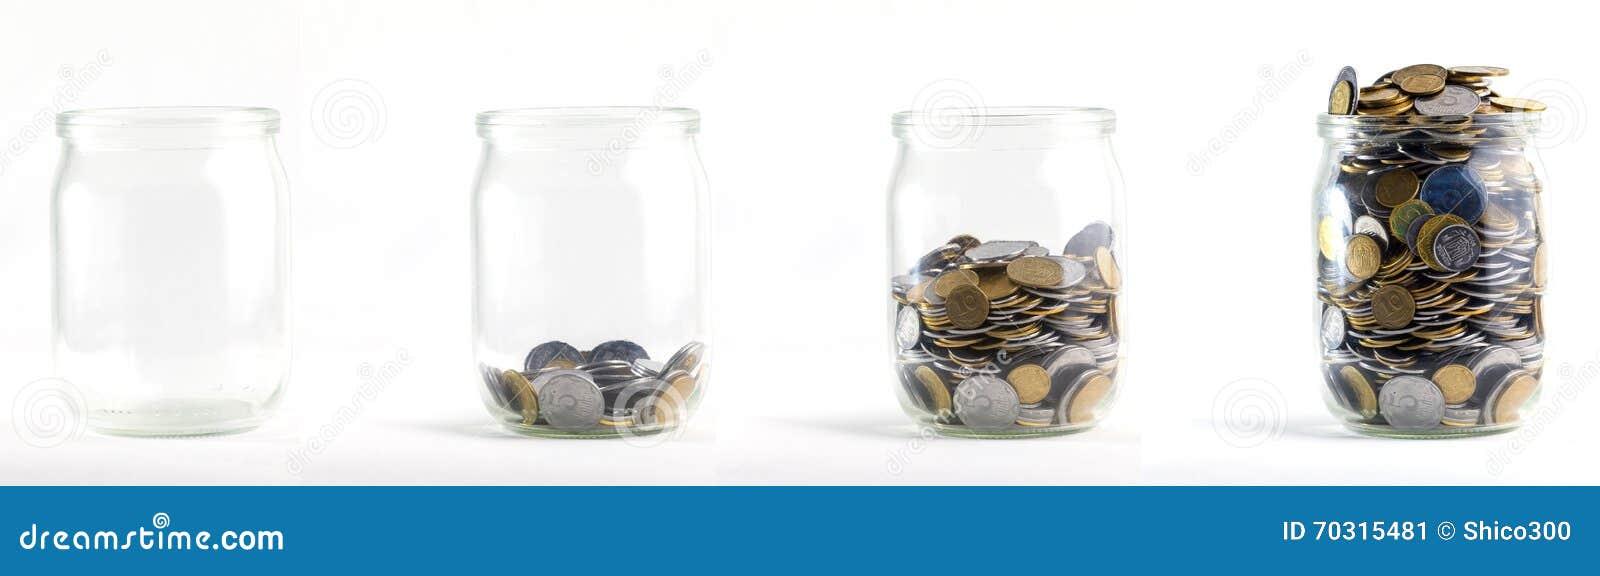 Los tarros de cristal con las monedas les gusta el diagrama, aislado - concepto de los ahorros